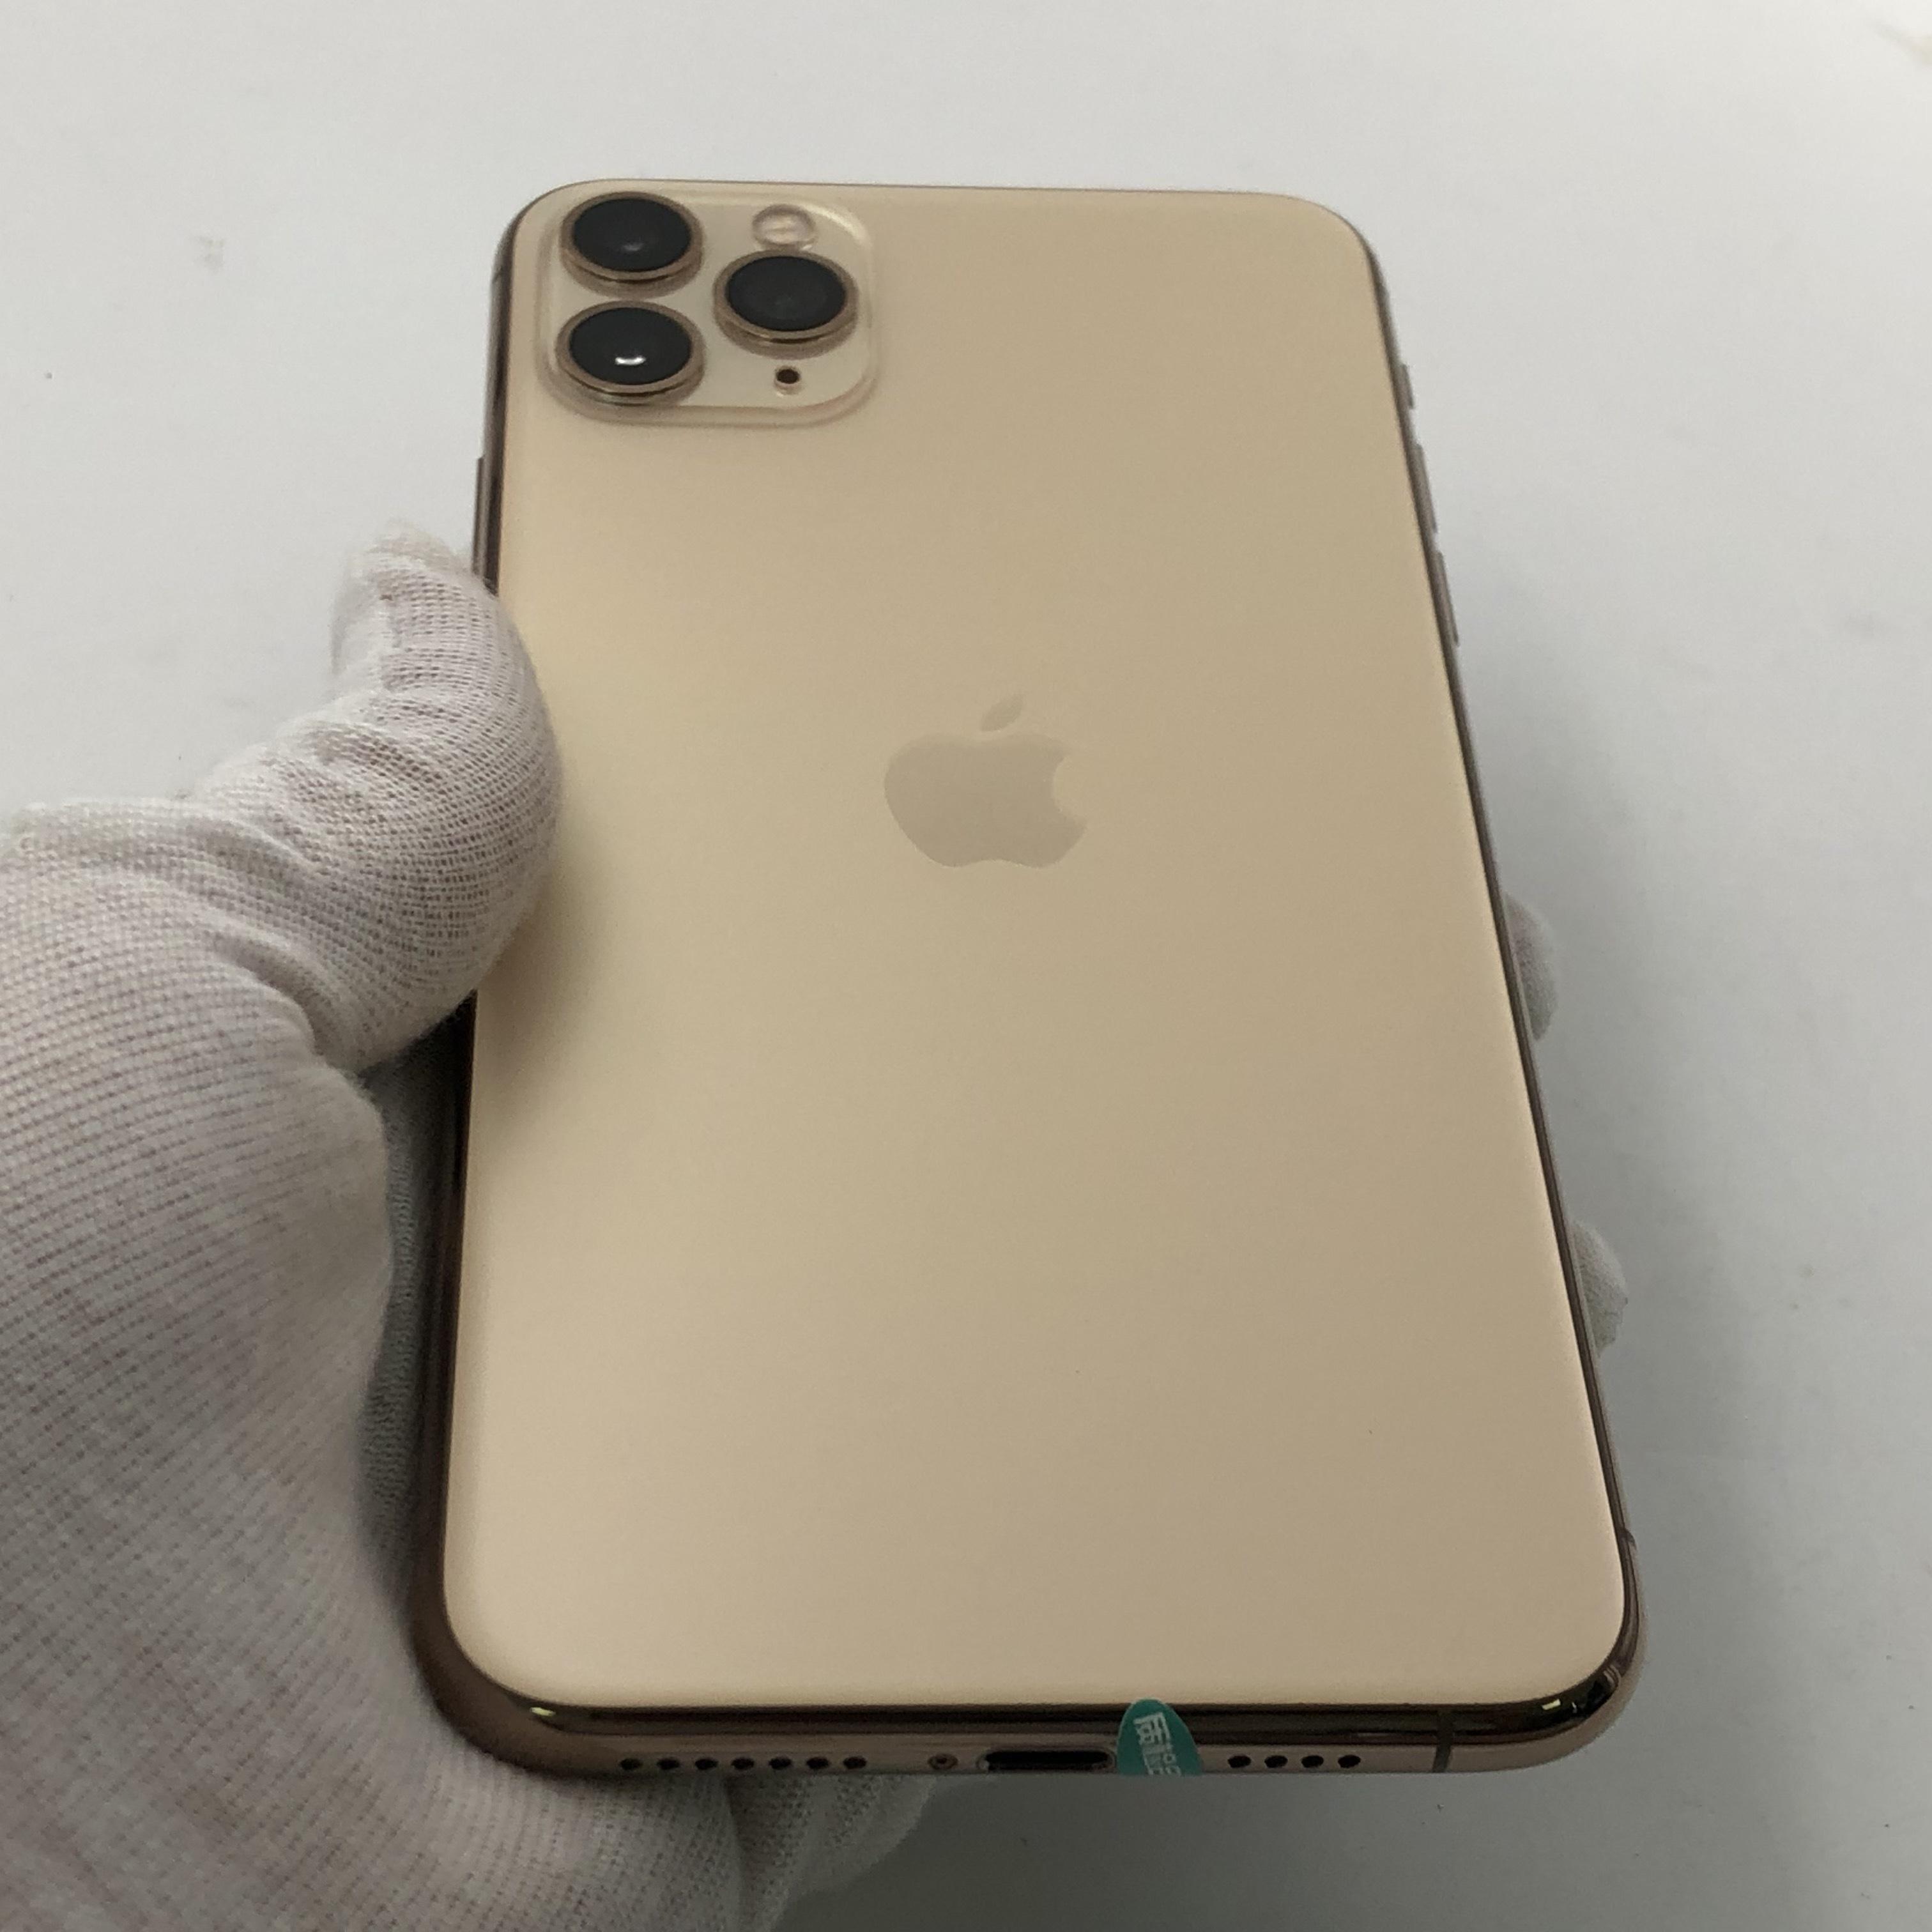 苹果【iPhone 11 Pro Max】全网通 金色 256G 国行 99新